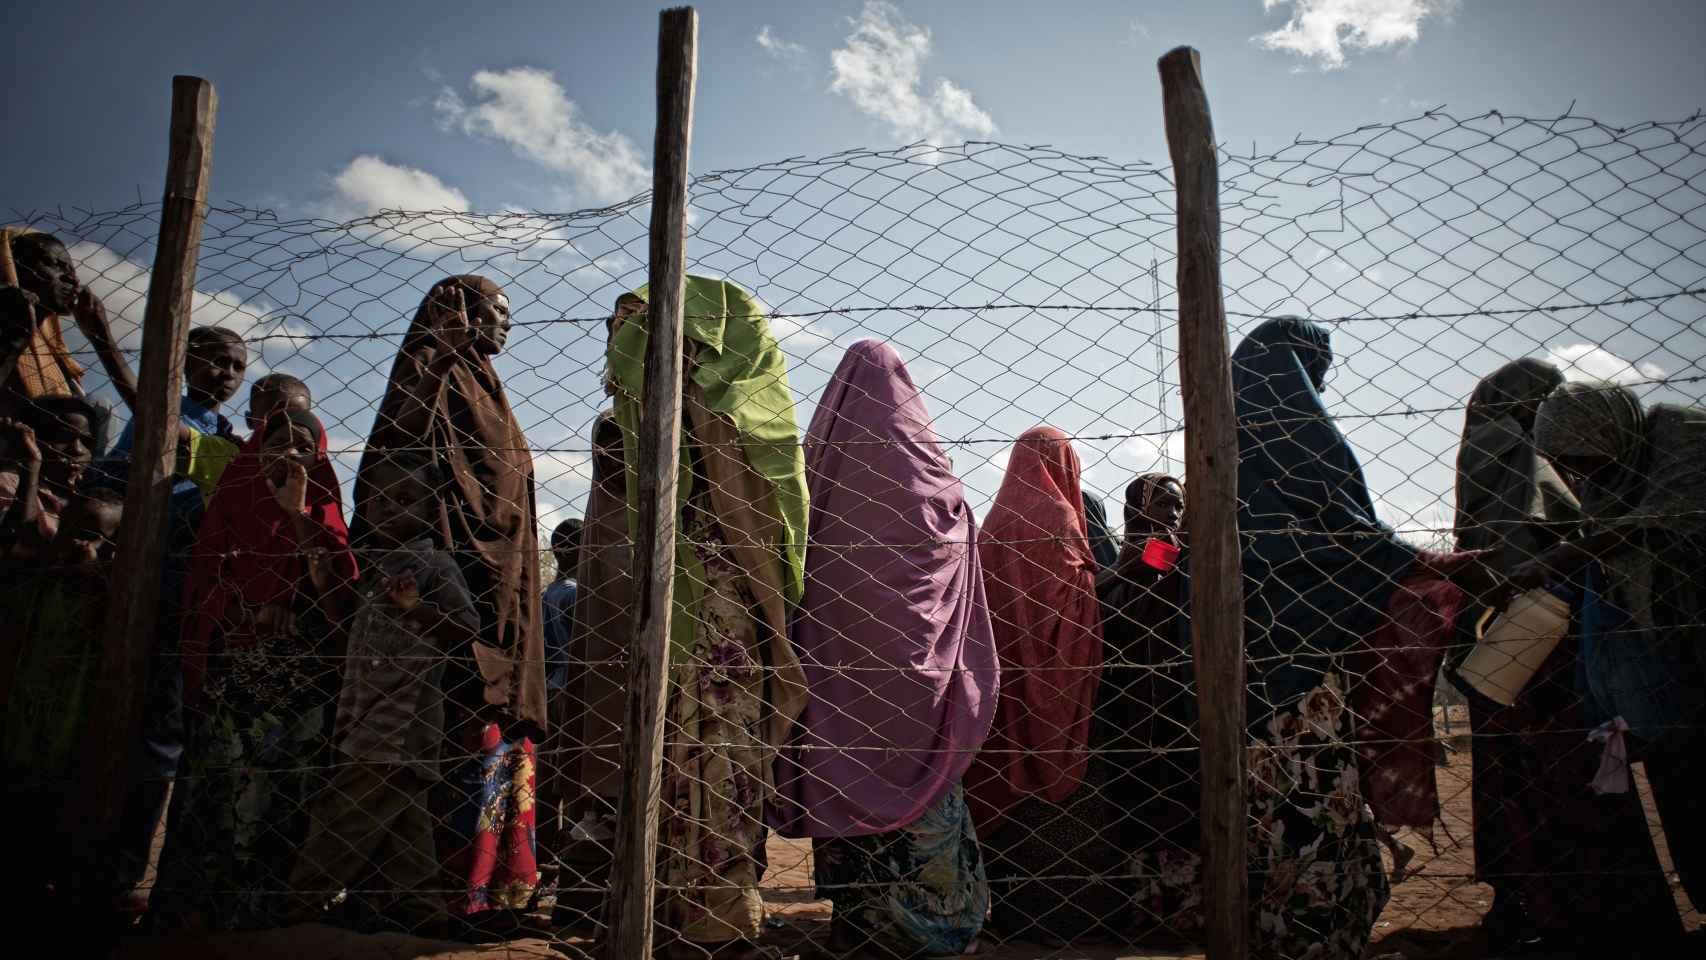 La mayoría de los refugiados en el campo de Dadaab, Kenia, son somalíes.